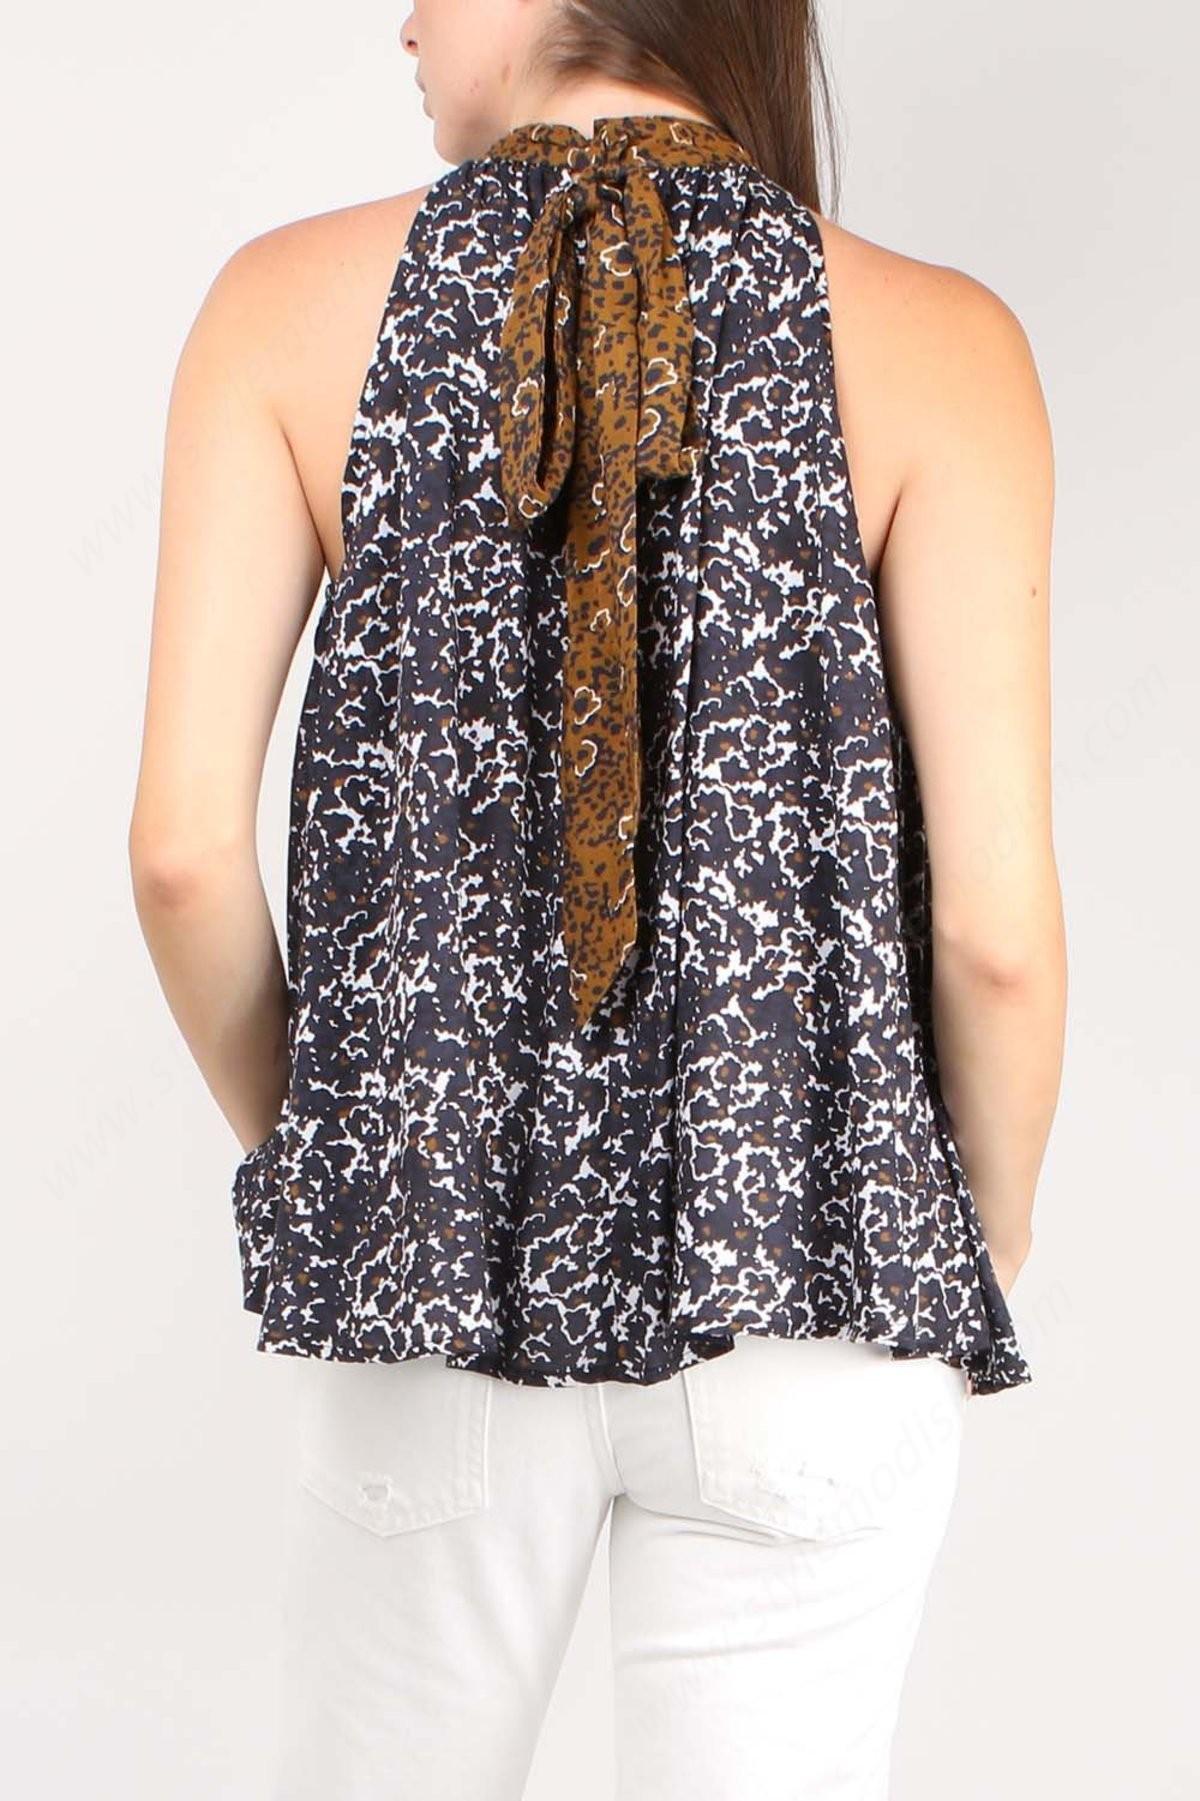 Lady's Apiece Apart Medina Tie Neck Top - Multi Floral - -3